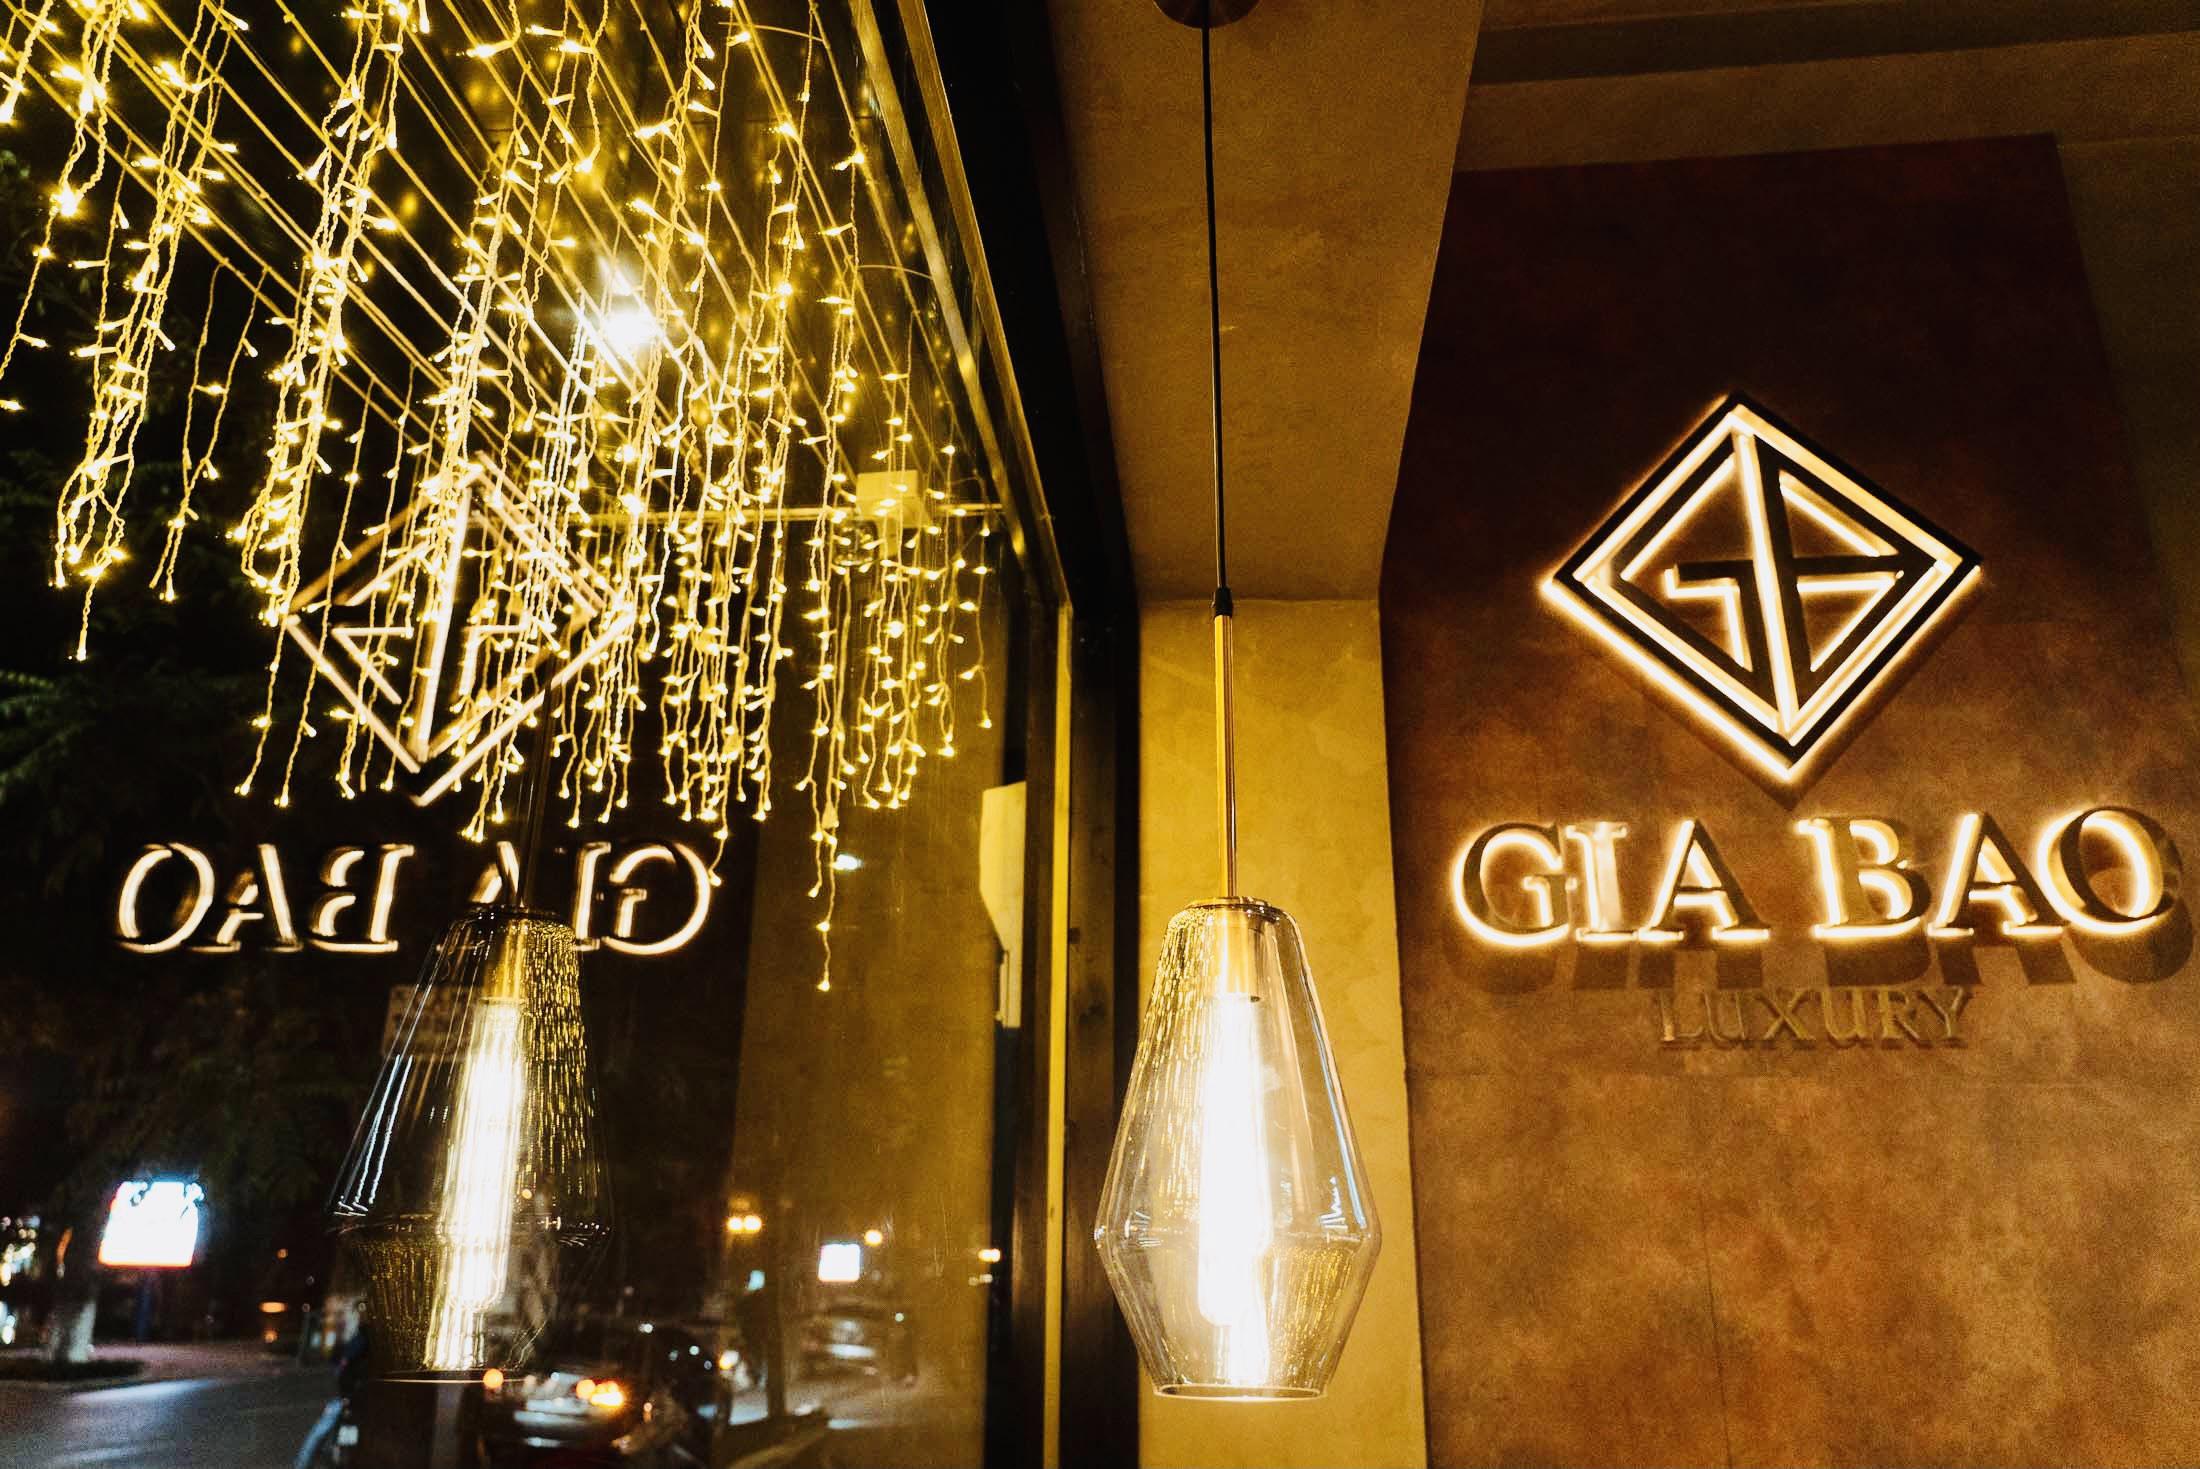 Gia Bảo Luxury - nơi giới mộ điệu đồng hồ Việt gửi trọn niềm tin